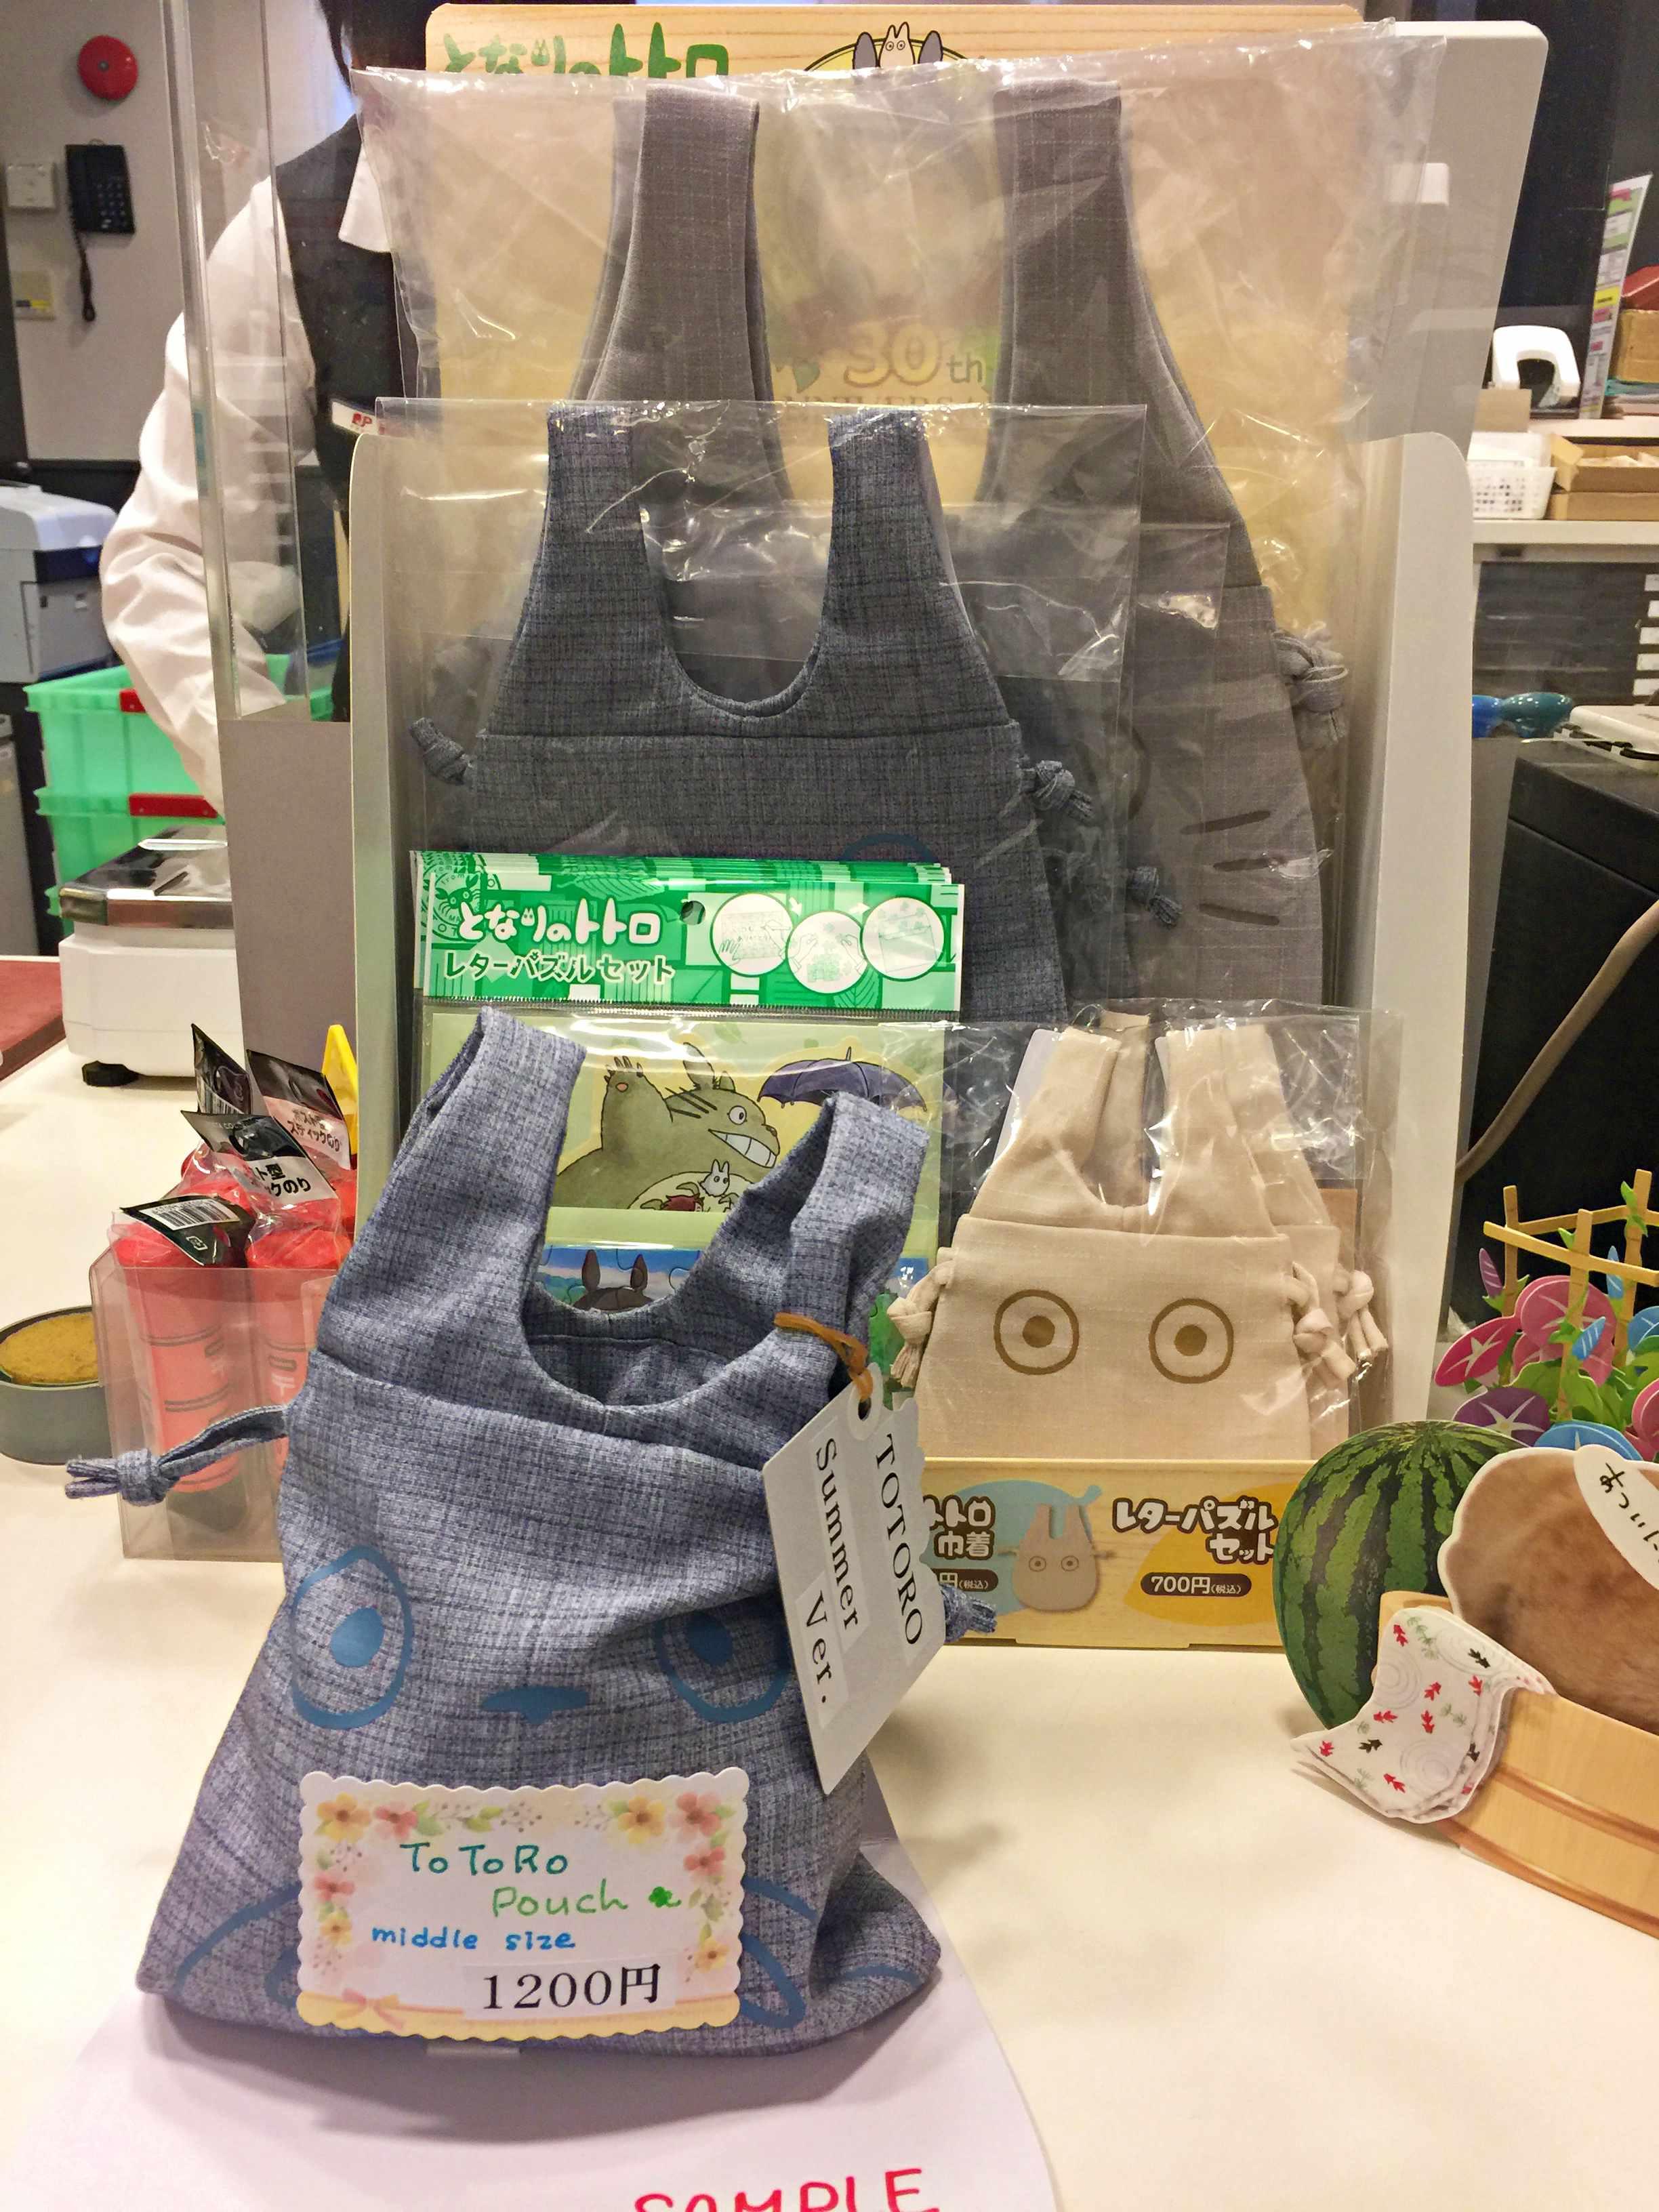 日本郵局超好買!明信片、卡通小物、限定商品購物狂,逛到失心瘋 @愛旅行 - 右上的世界食旅